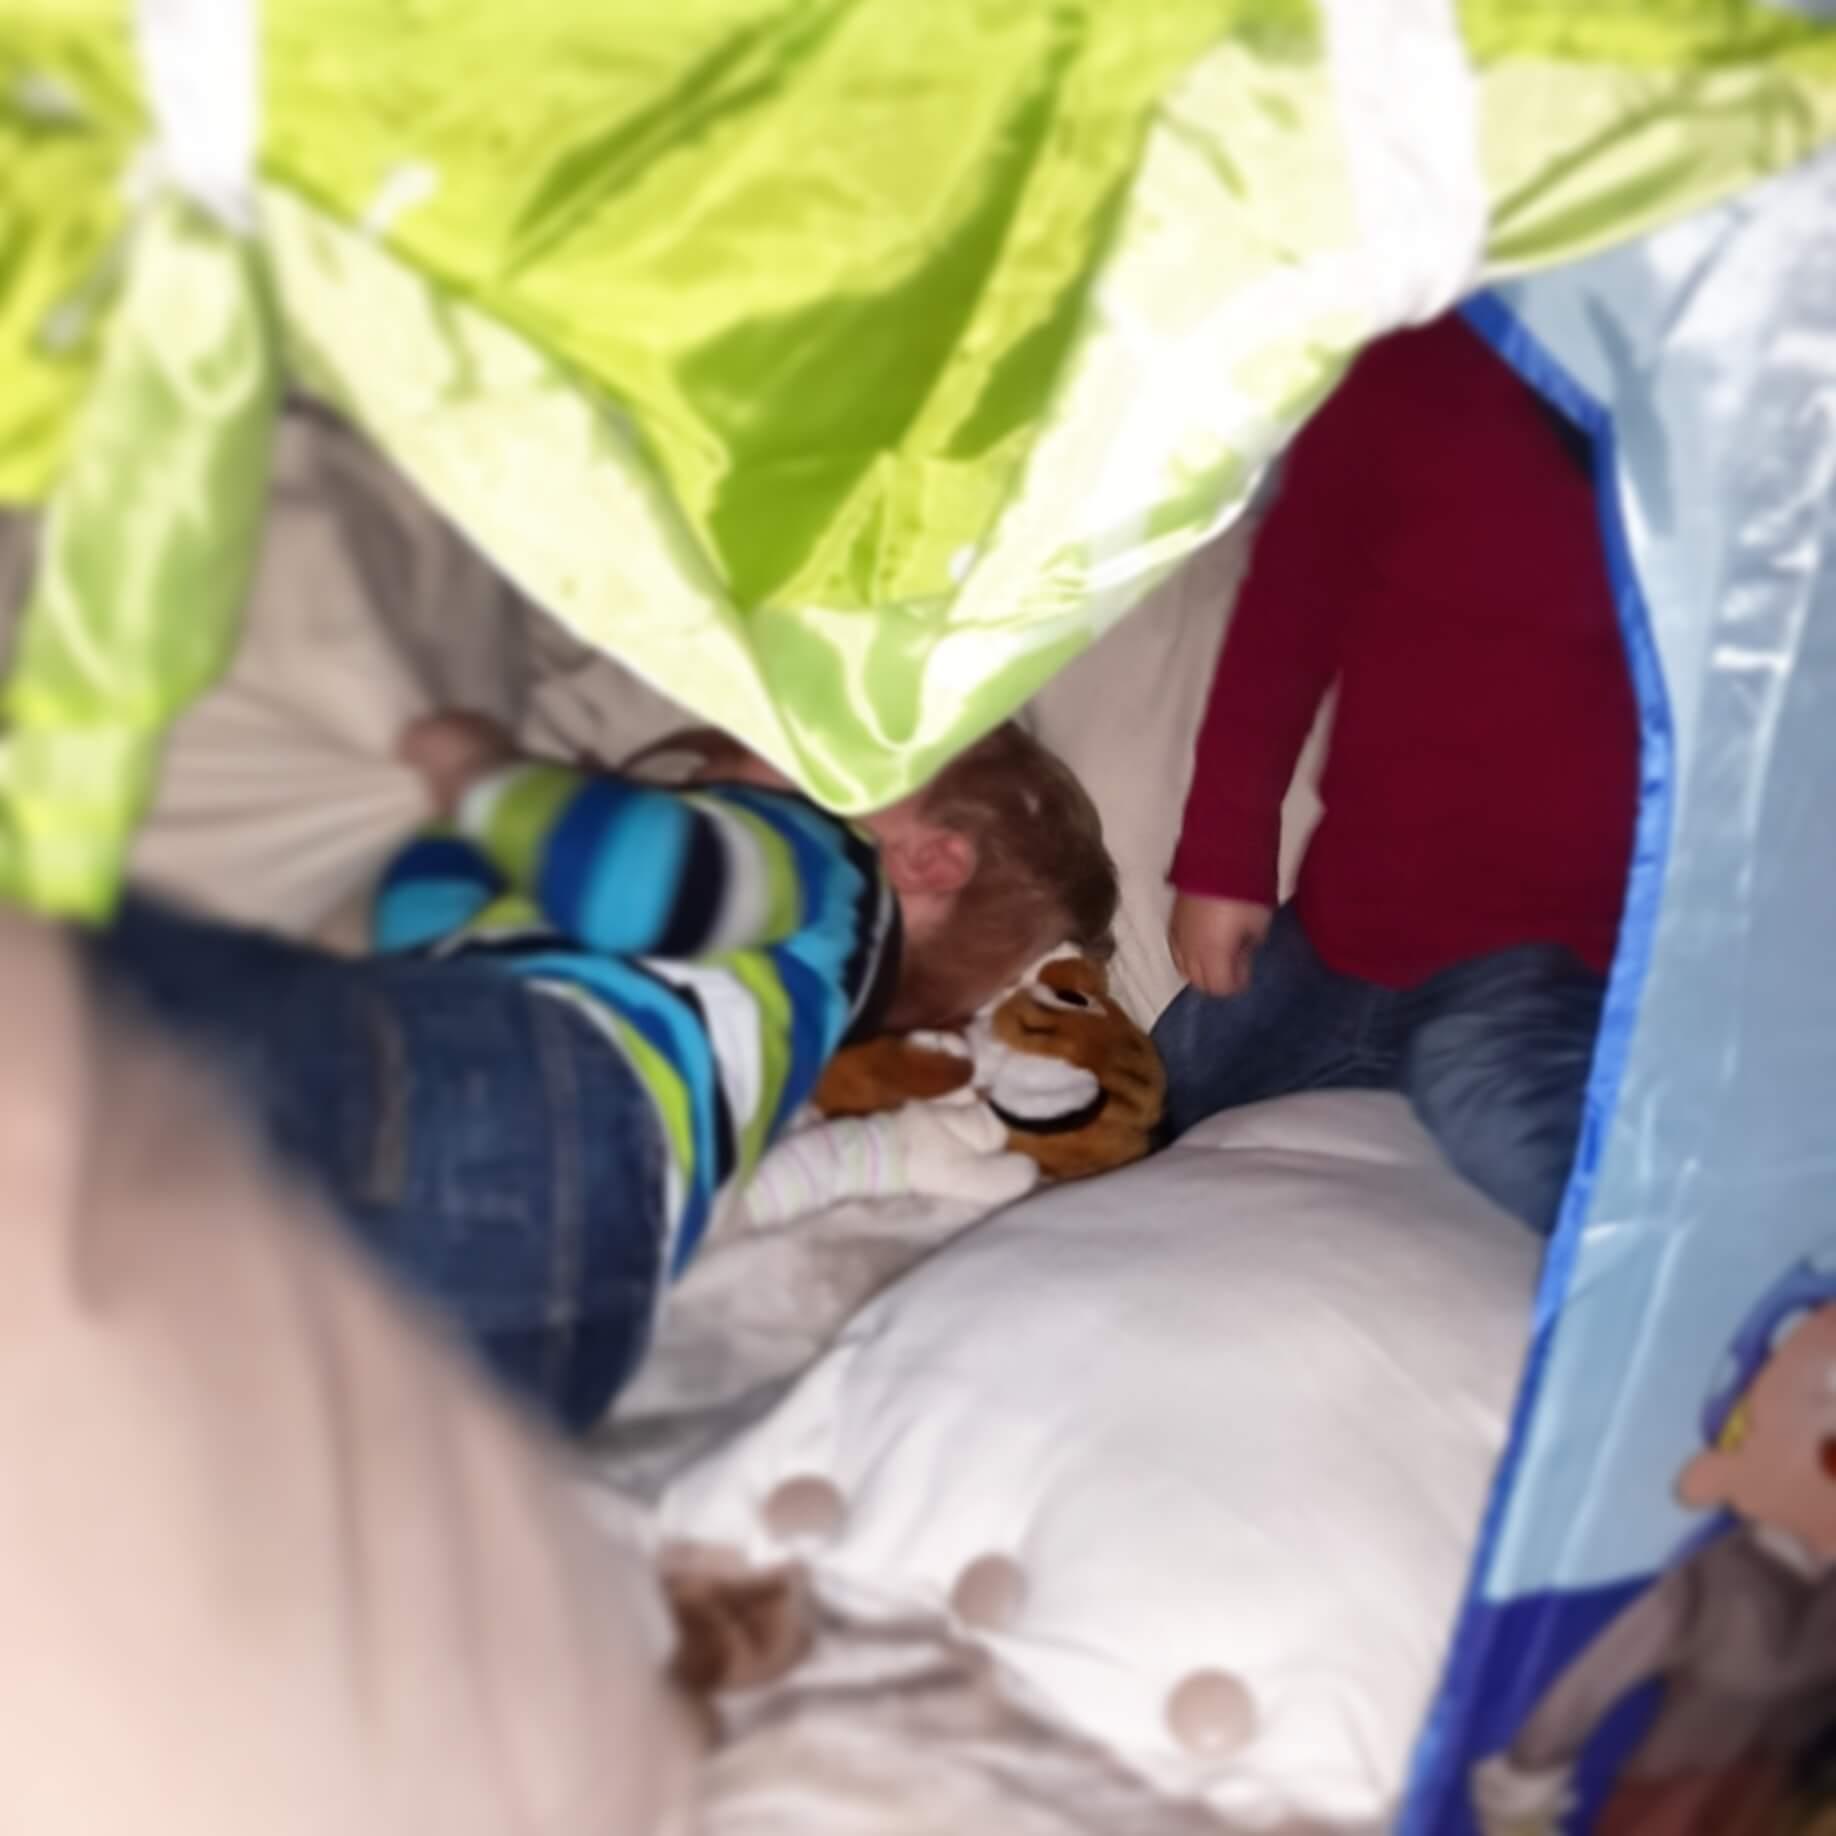 Zwillinge im Zelt